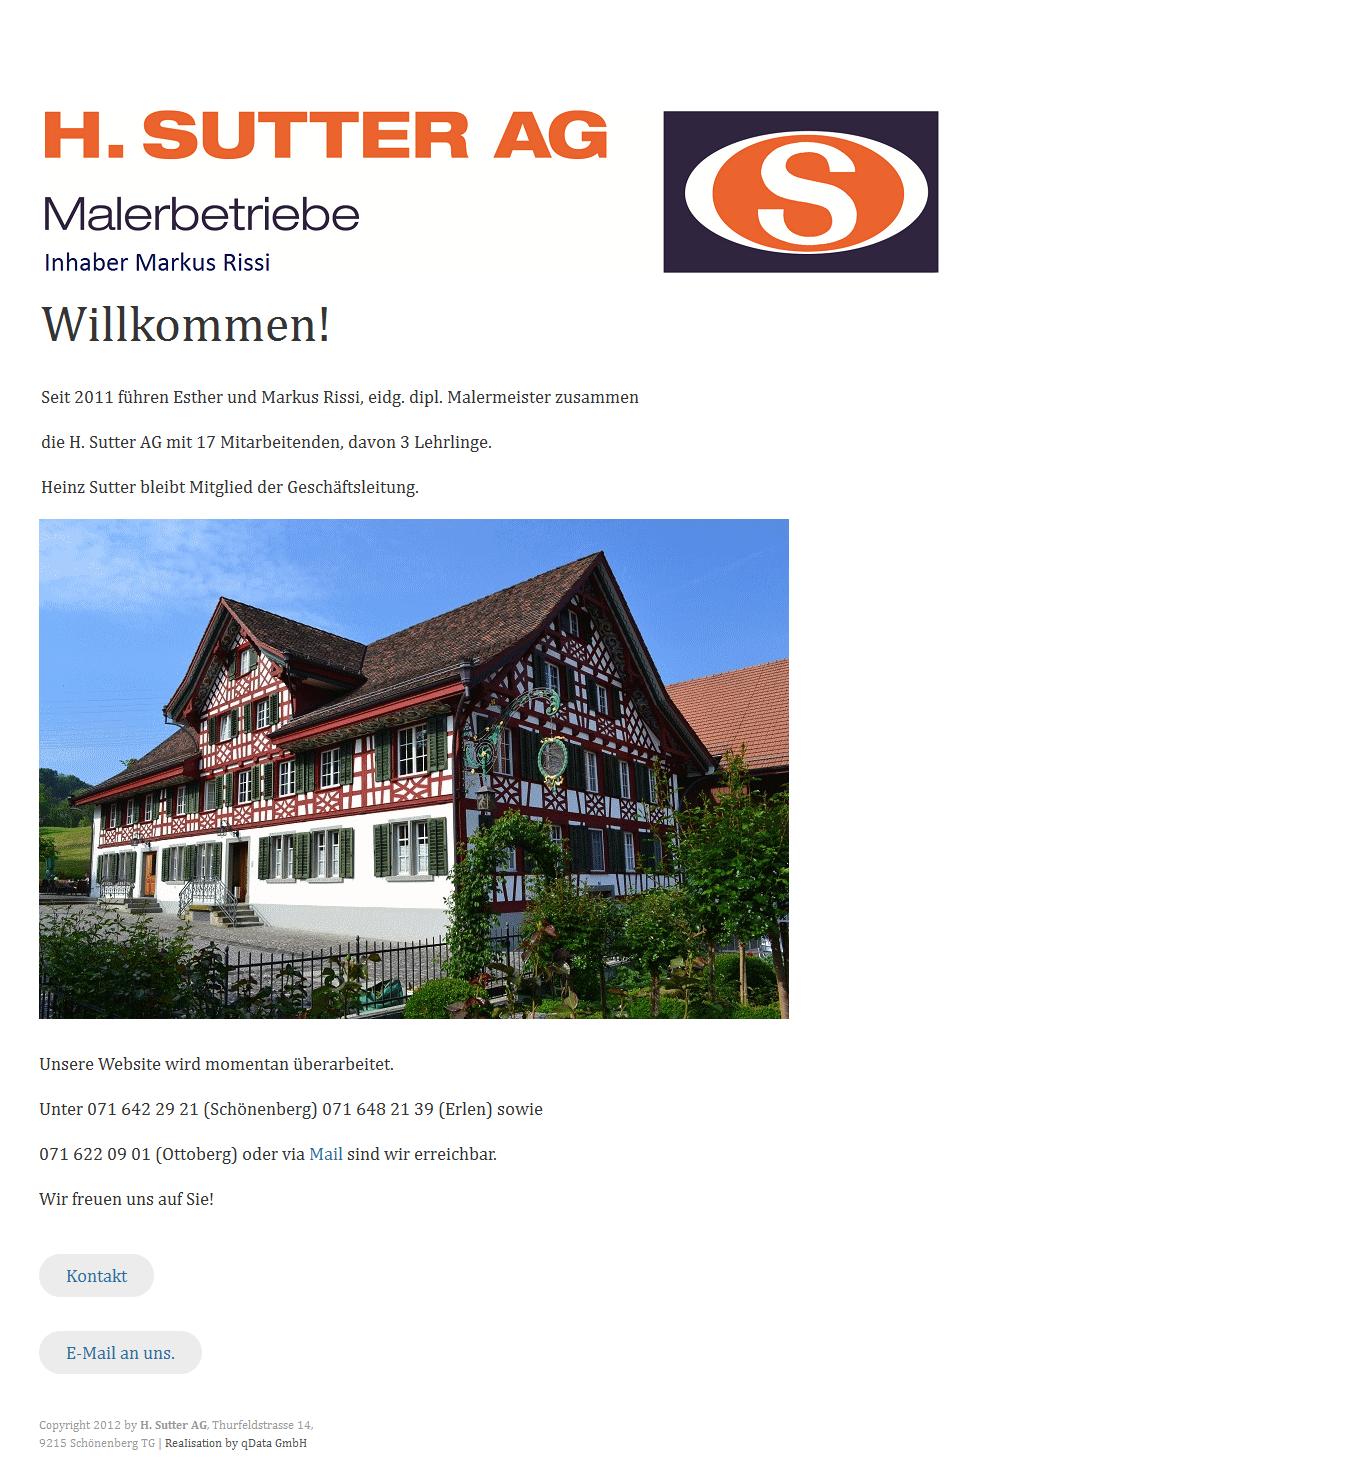 H. Sutter AG Malerbetriebe Schönenberg an der Thur